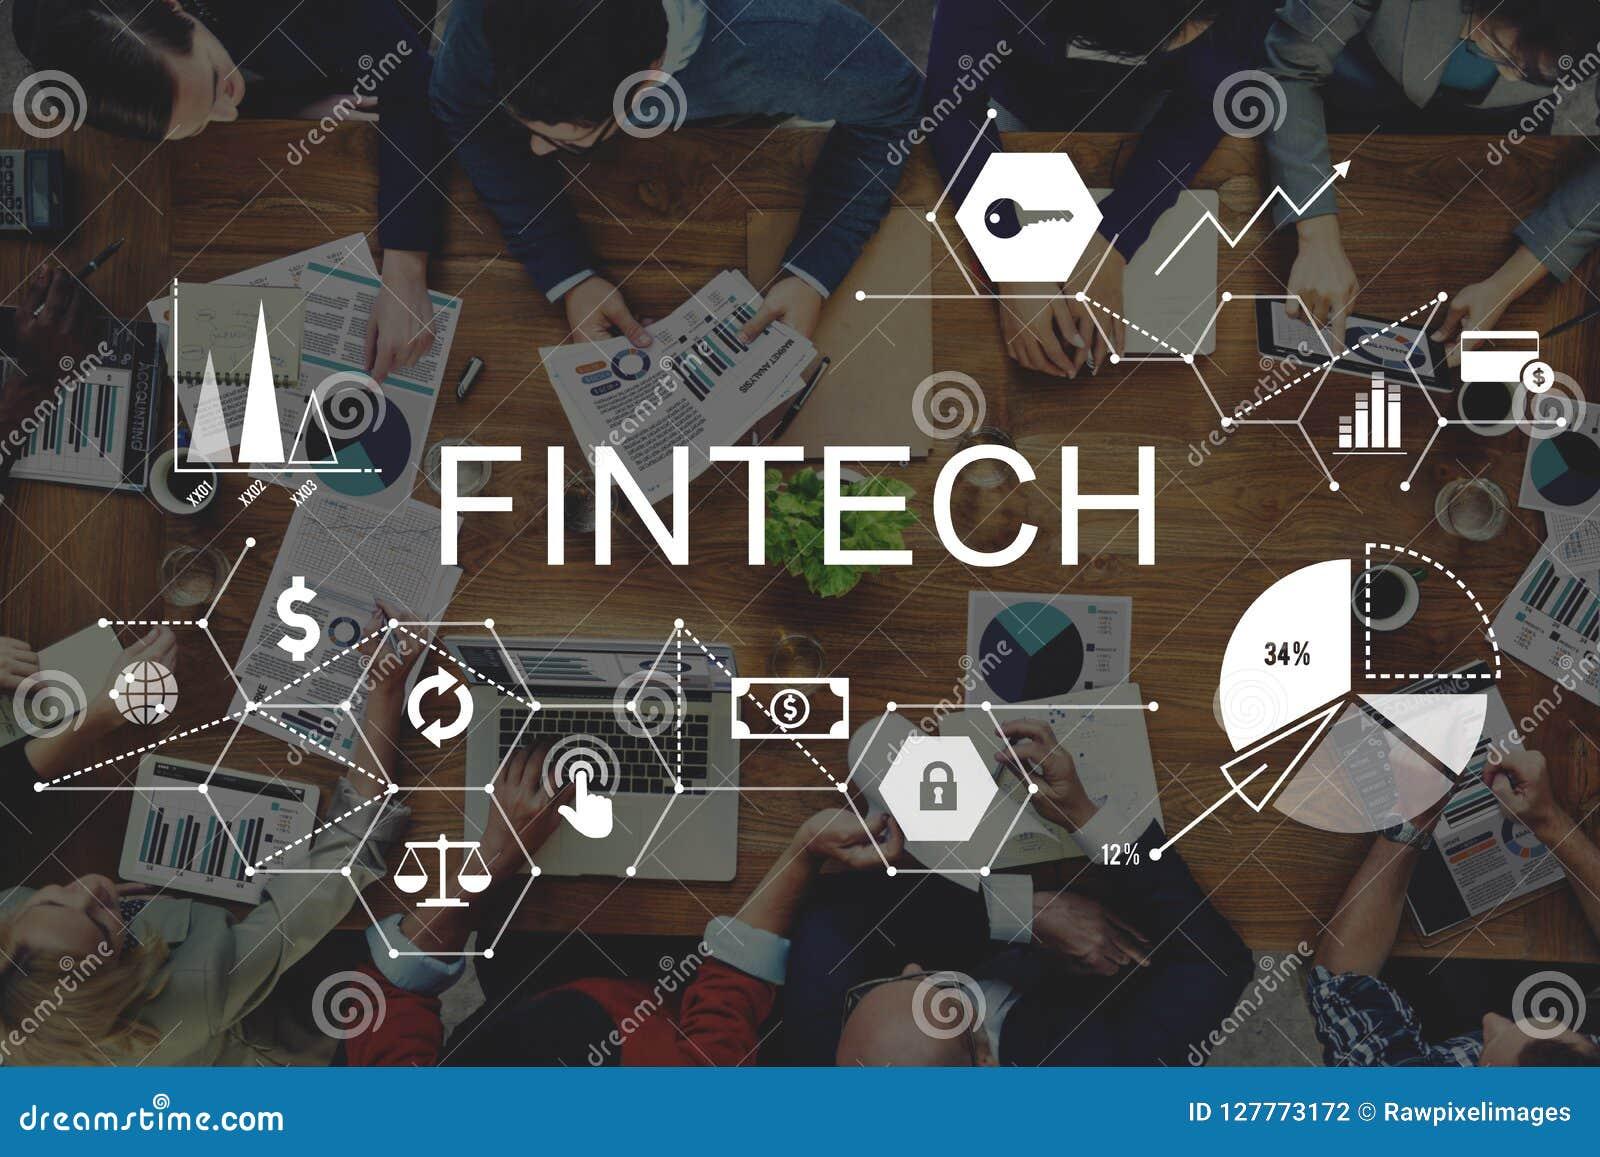 Fintech-Investitions-Finanzinternet-Technologie-Konzept